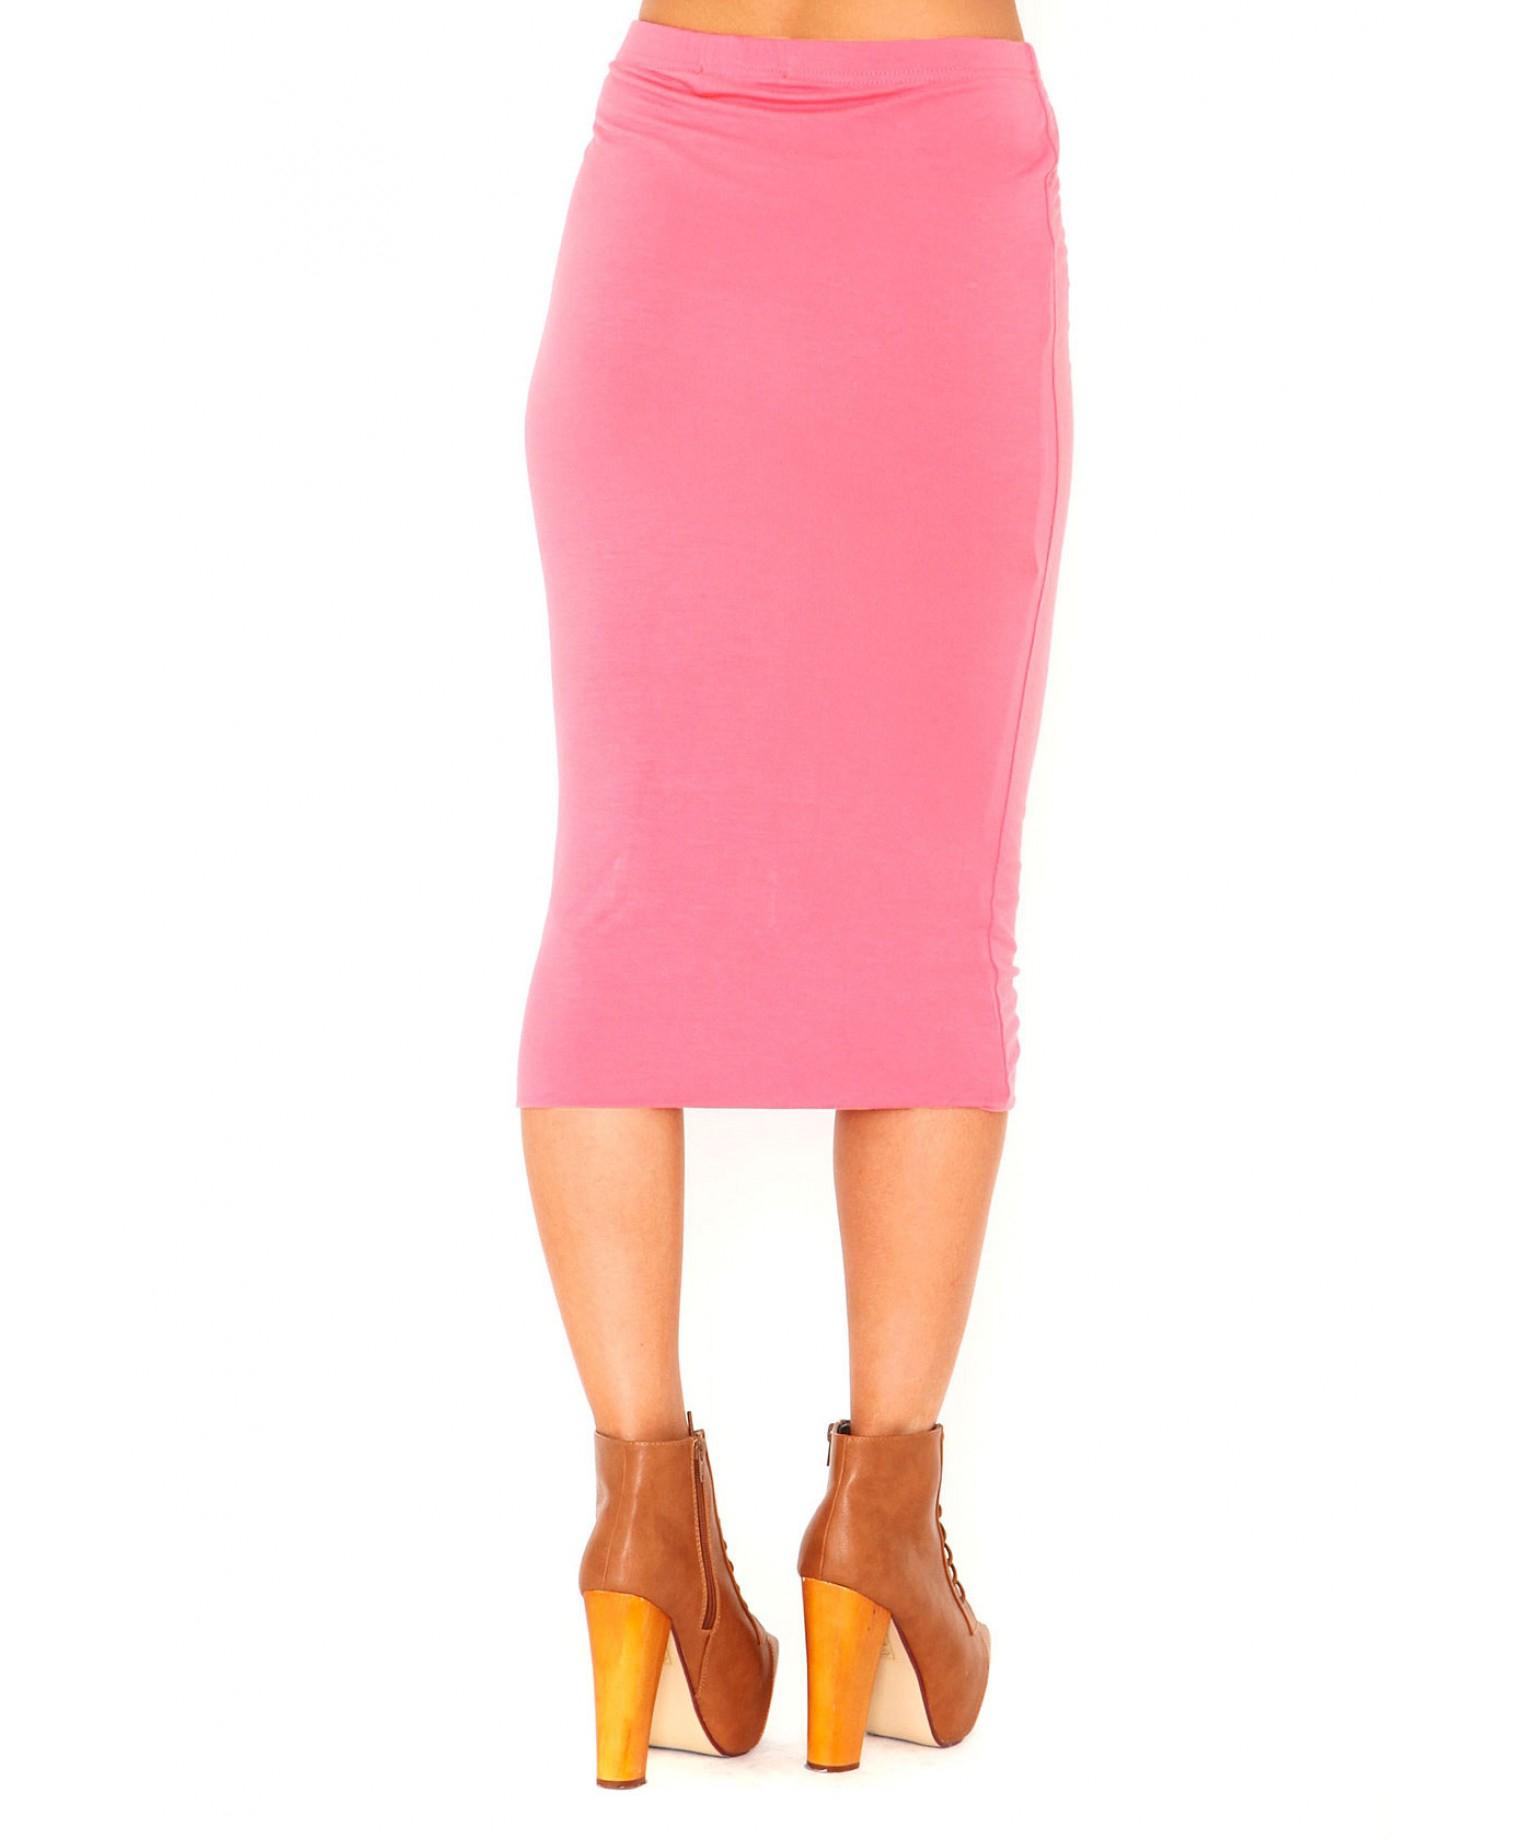 Kenyan 2 Layer skirt